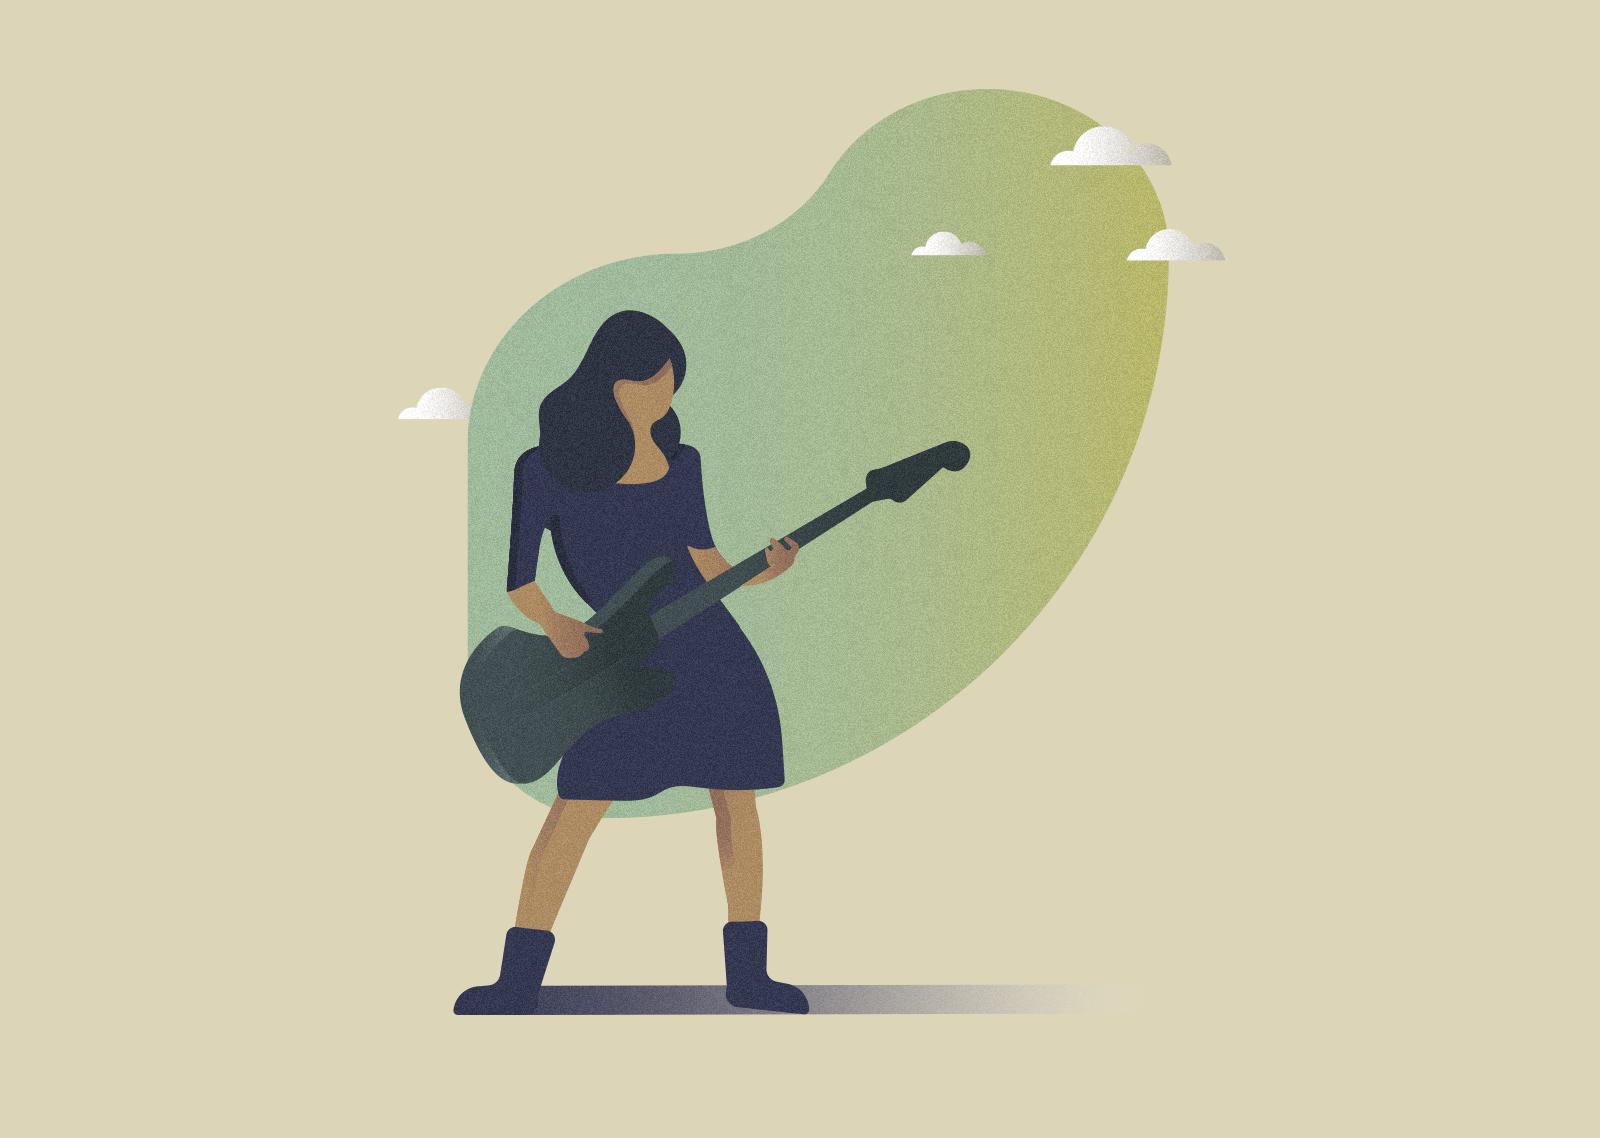 Guitar_kid_1600x1200